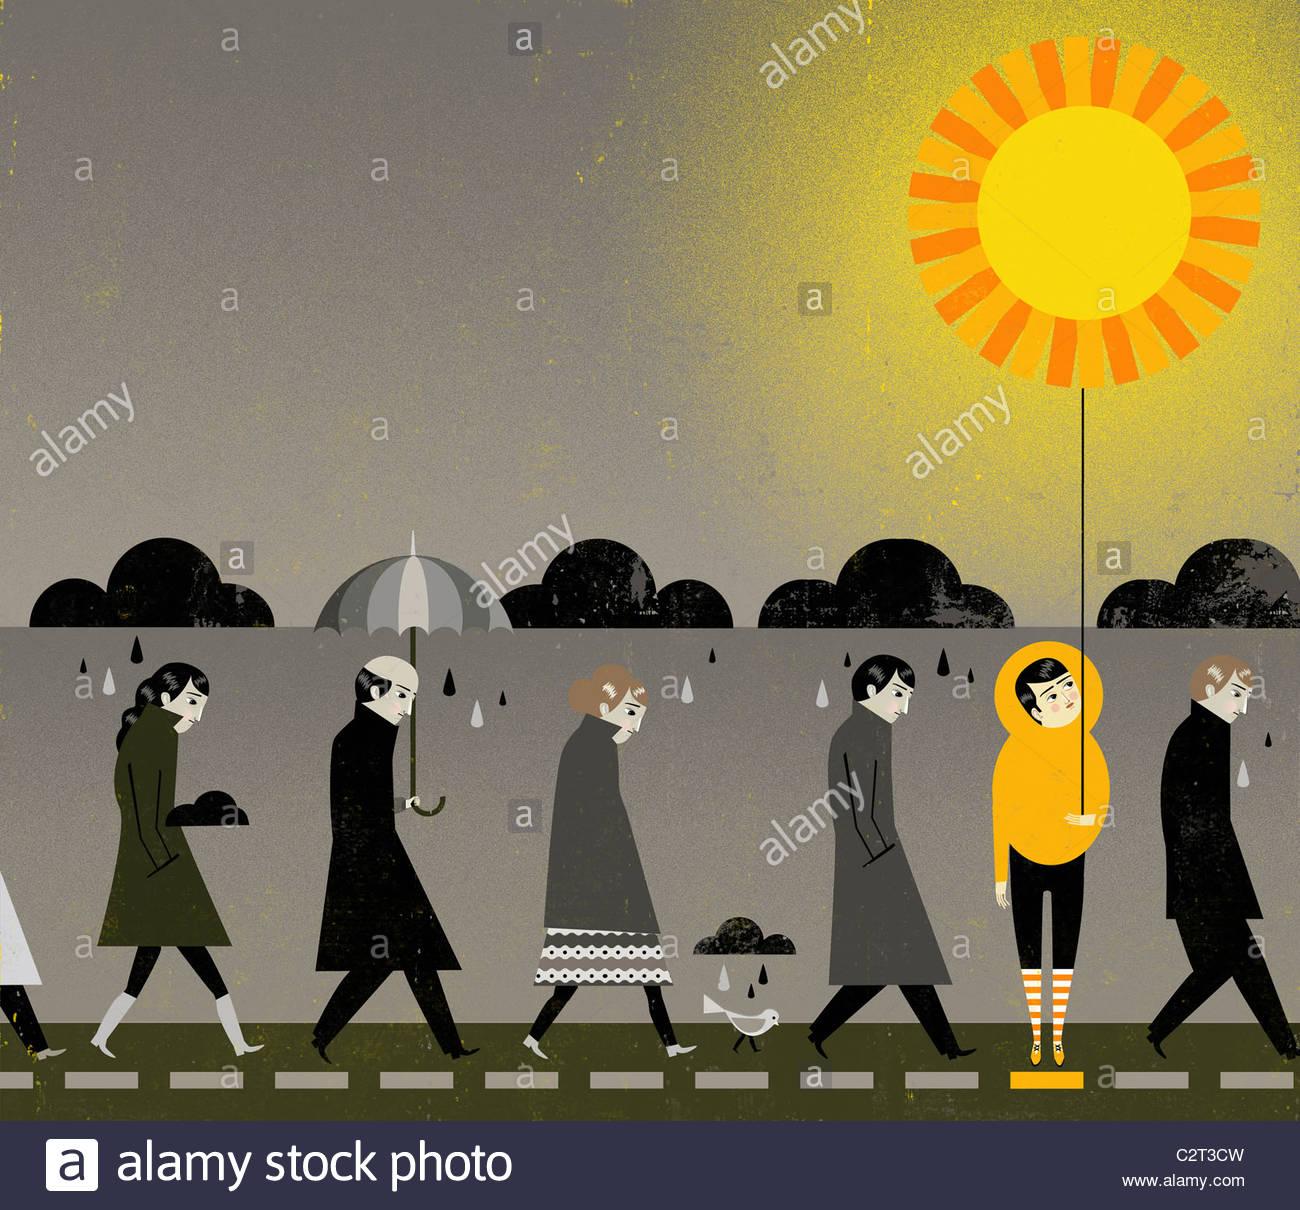 Le persone sotto la pioggia nuvole, una holding sun palloncino a forma di Immagini Stock